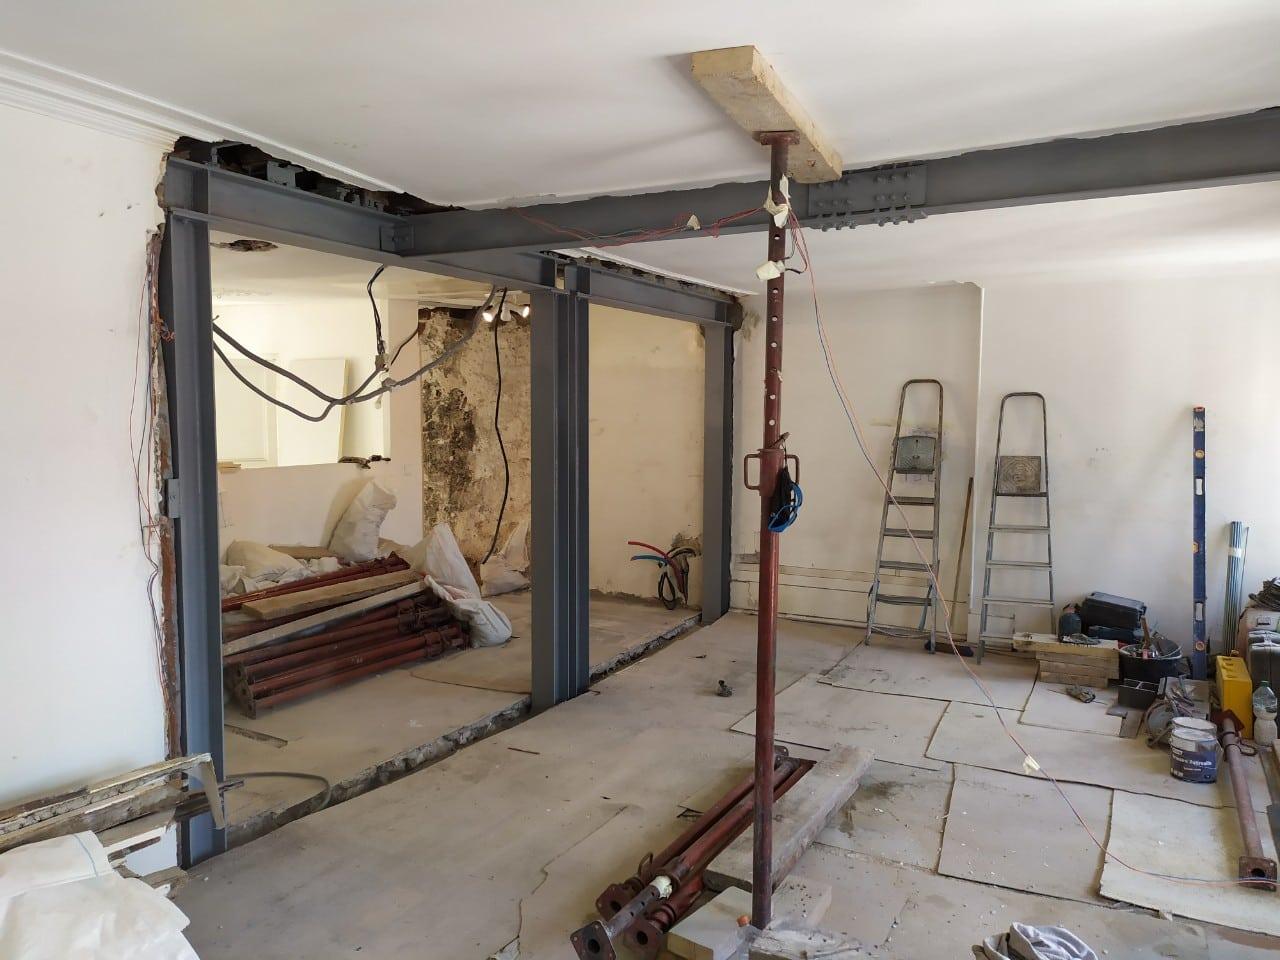 Murs porteurs - Démolition de mur de refend dans une maison individuelle à Toulon. 4